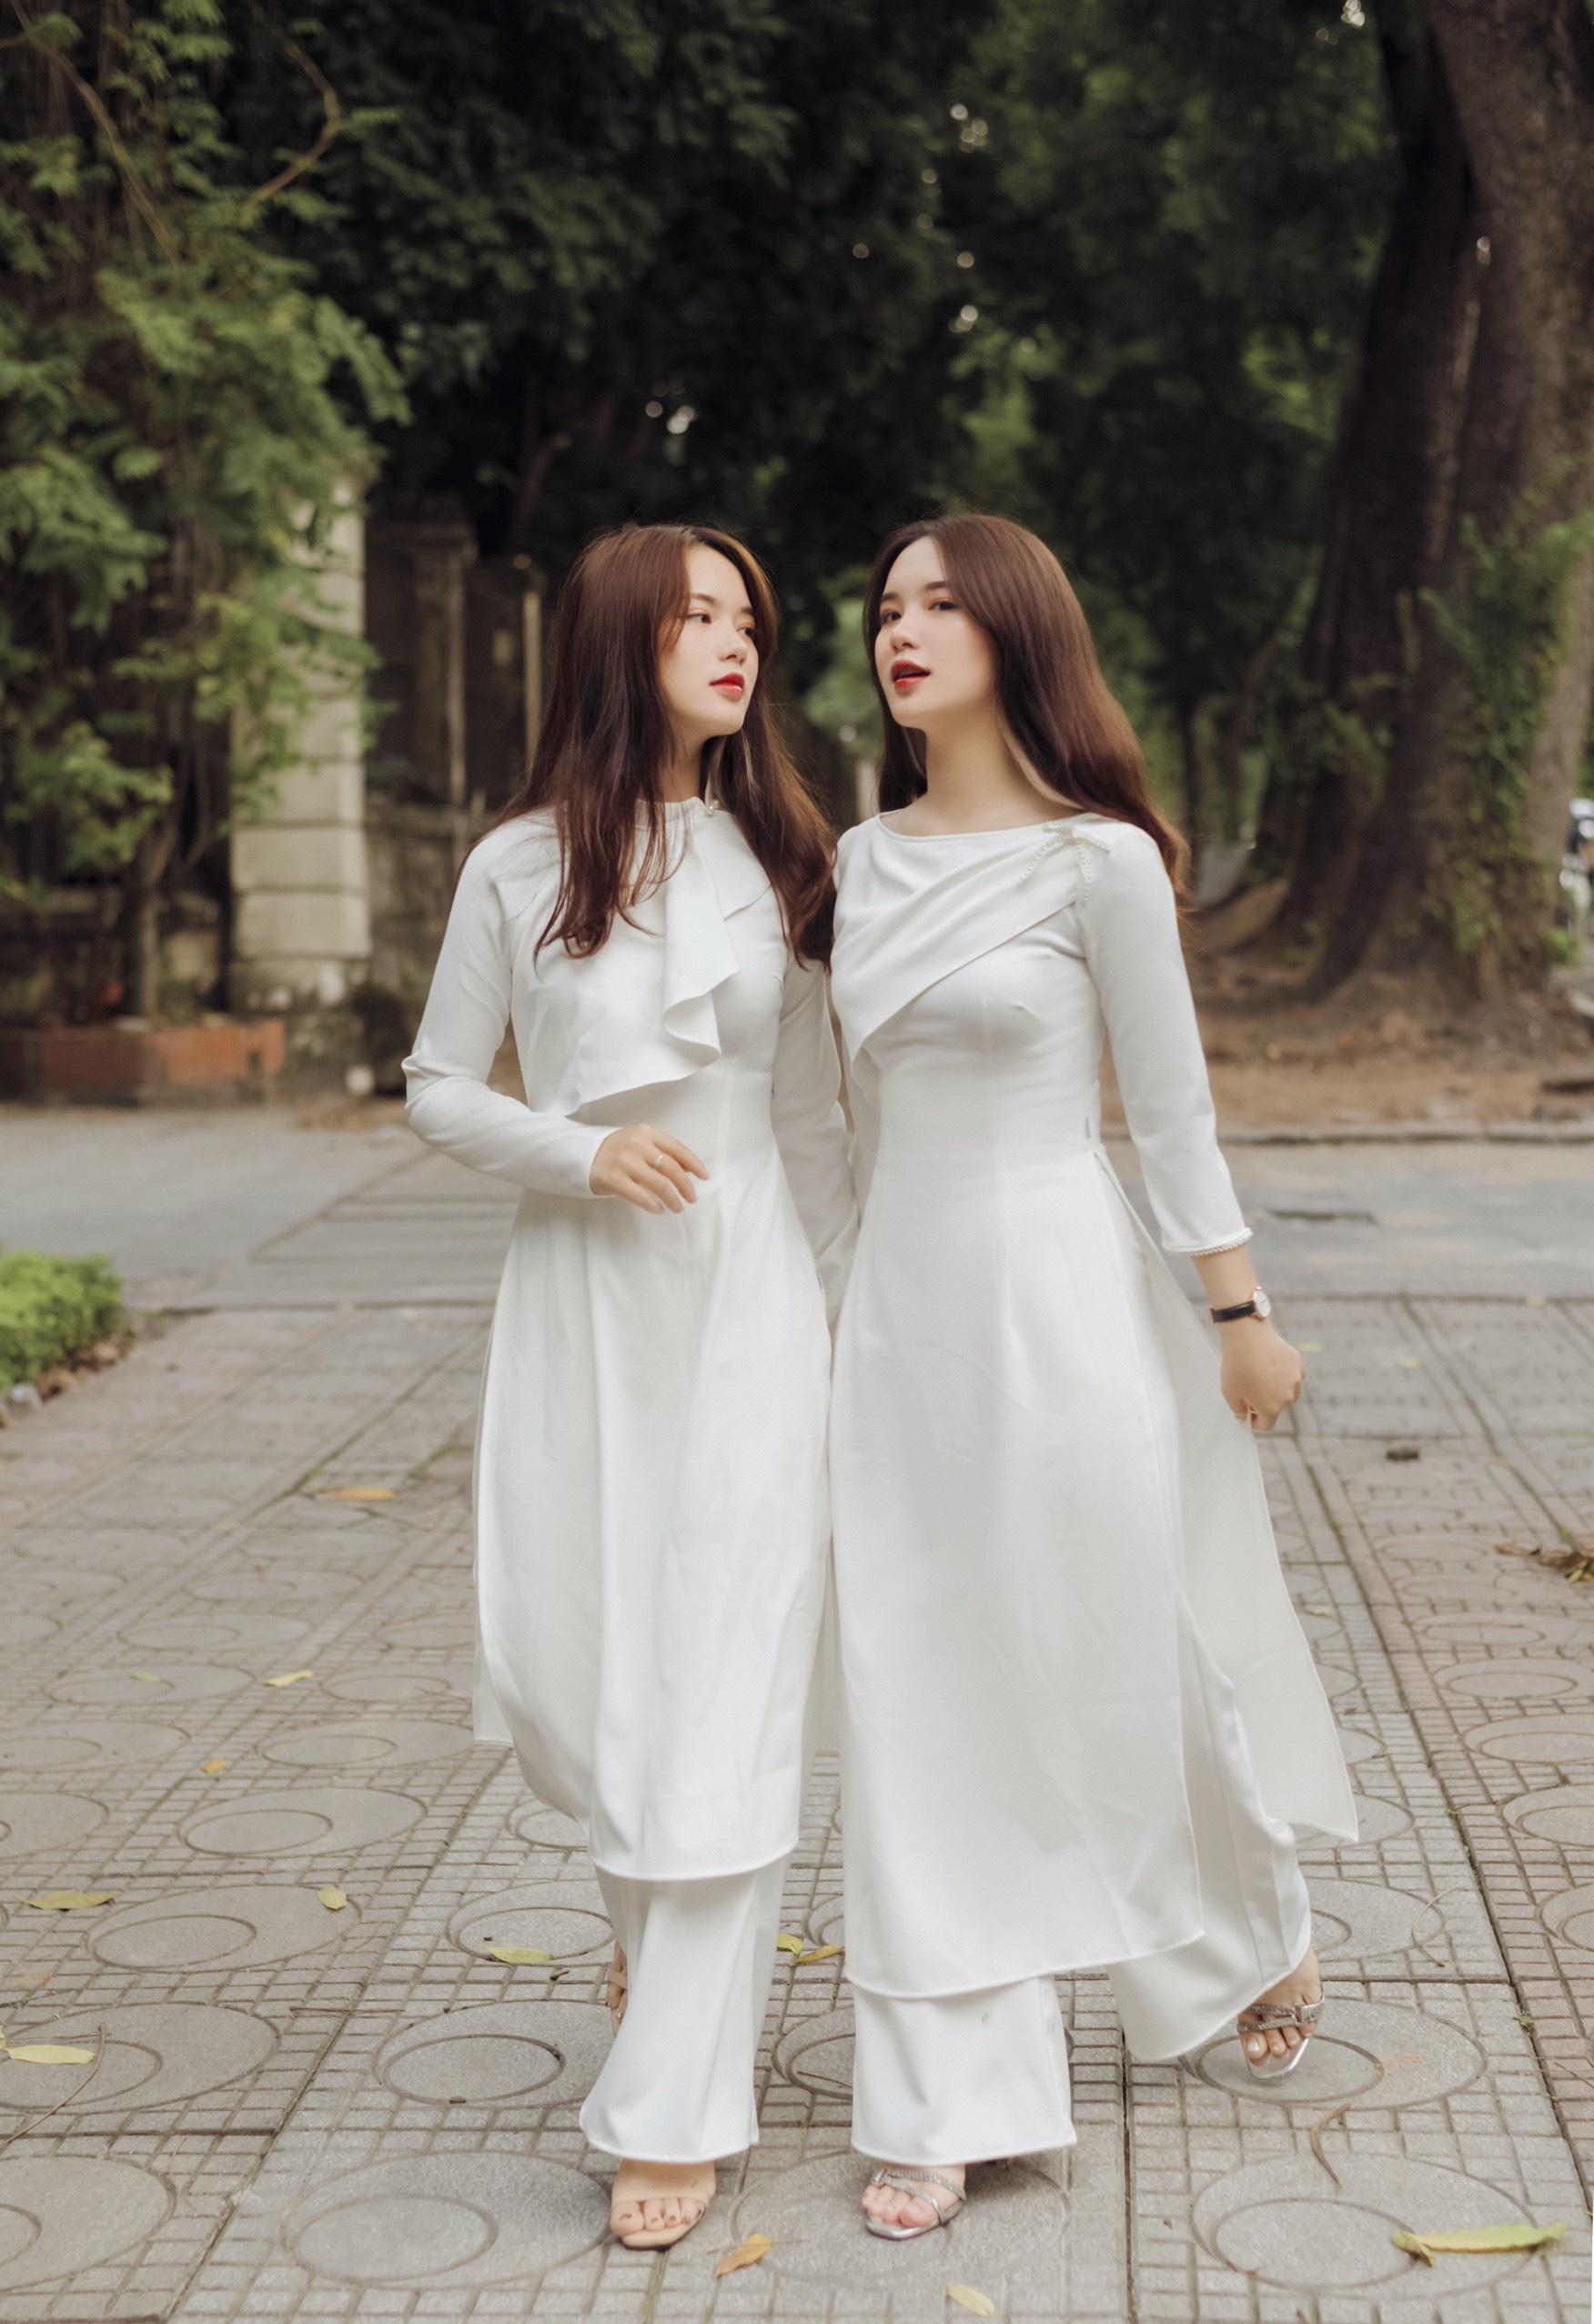 Cặp chị em song sinh Hằng - Nga nổi tiếng ở Đại học Thương mại - 10